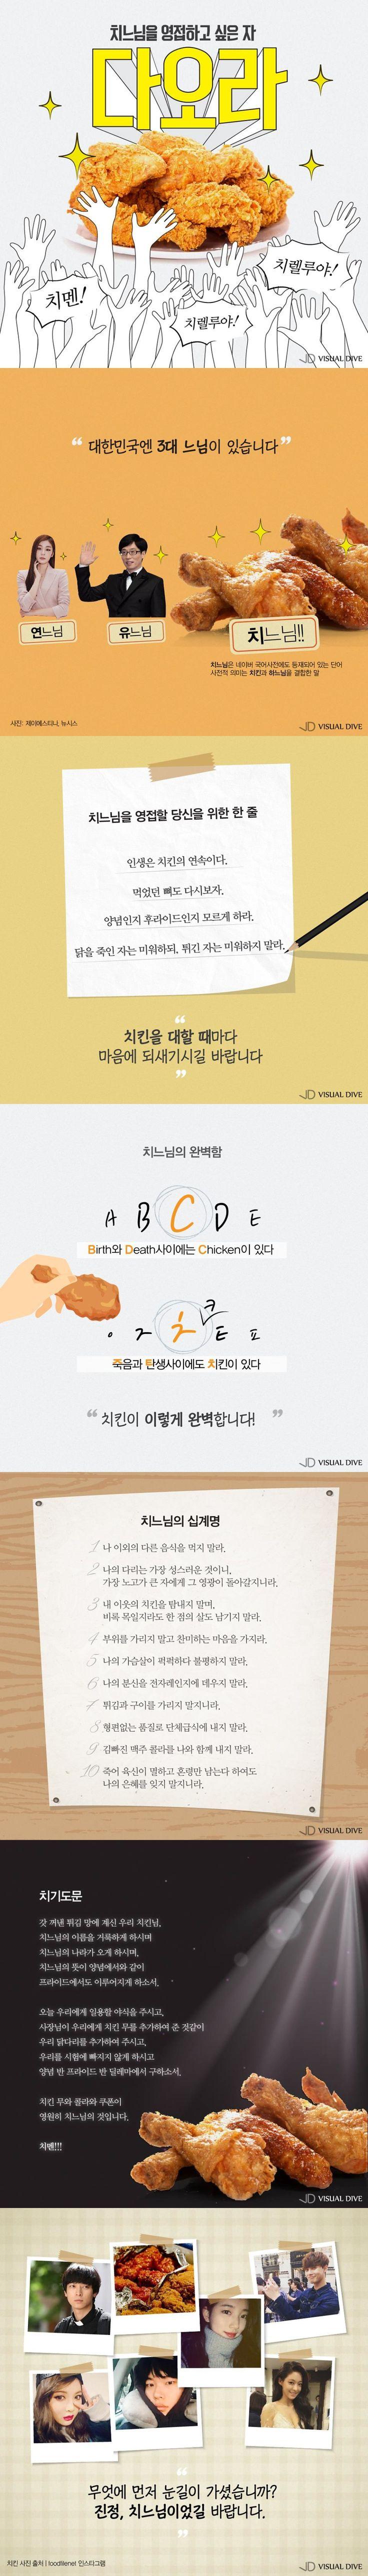 세상에서 가장 완벽한 음식 '치느님' [카드뉴스] #Chicken / #Cardnews ⓒ 비주얼다이브 무단 복사·전재·재배포 금지